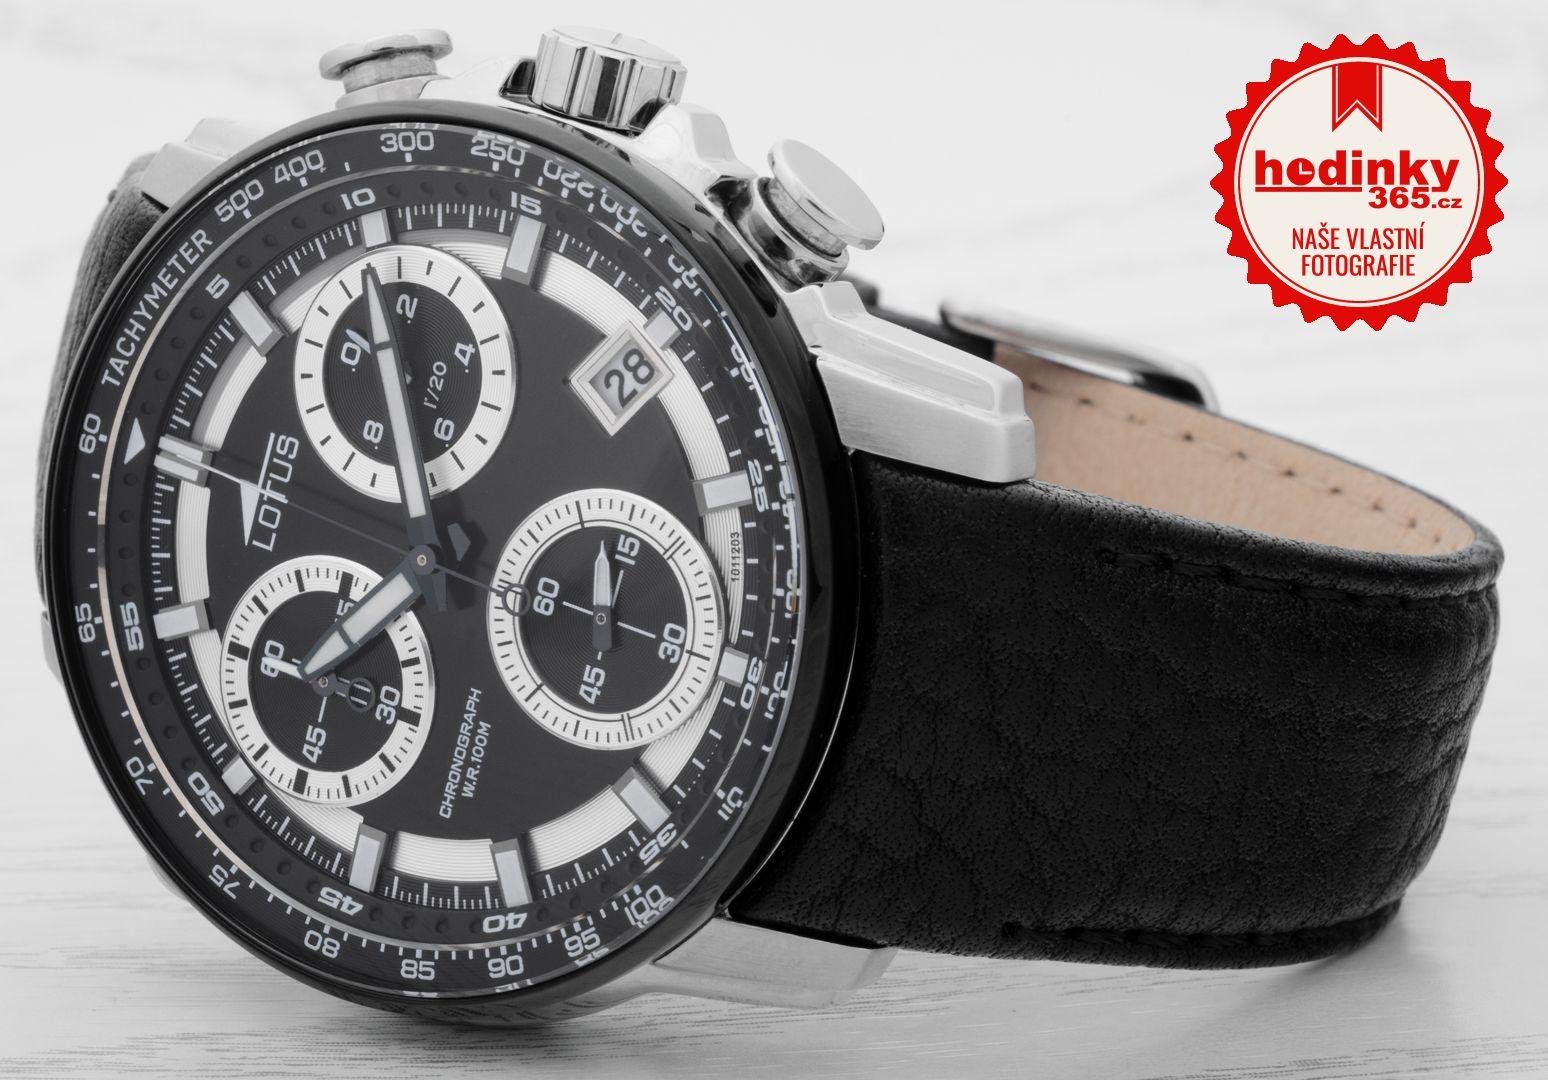 3c1e15ca3 Lotus L10112/3. Pánské hodinky - kožený řemínek, ocel pouzdro, minerální  sklíčko. Veškeré technické parametry naleznete níže